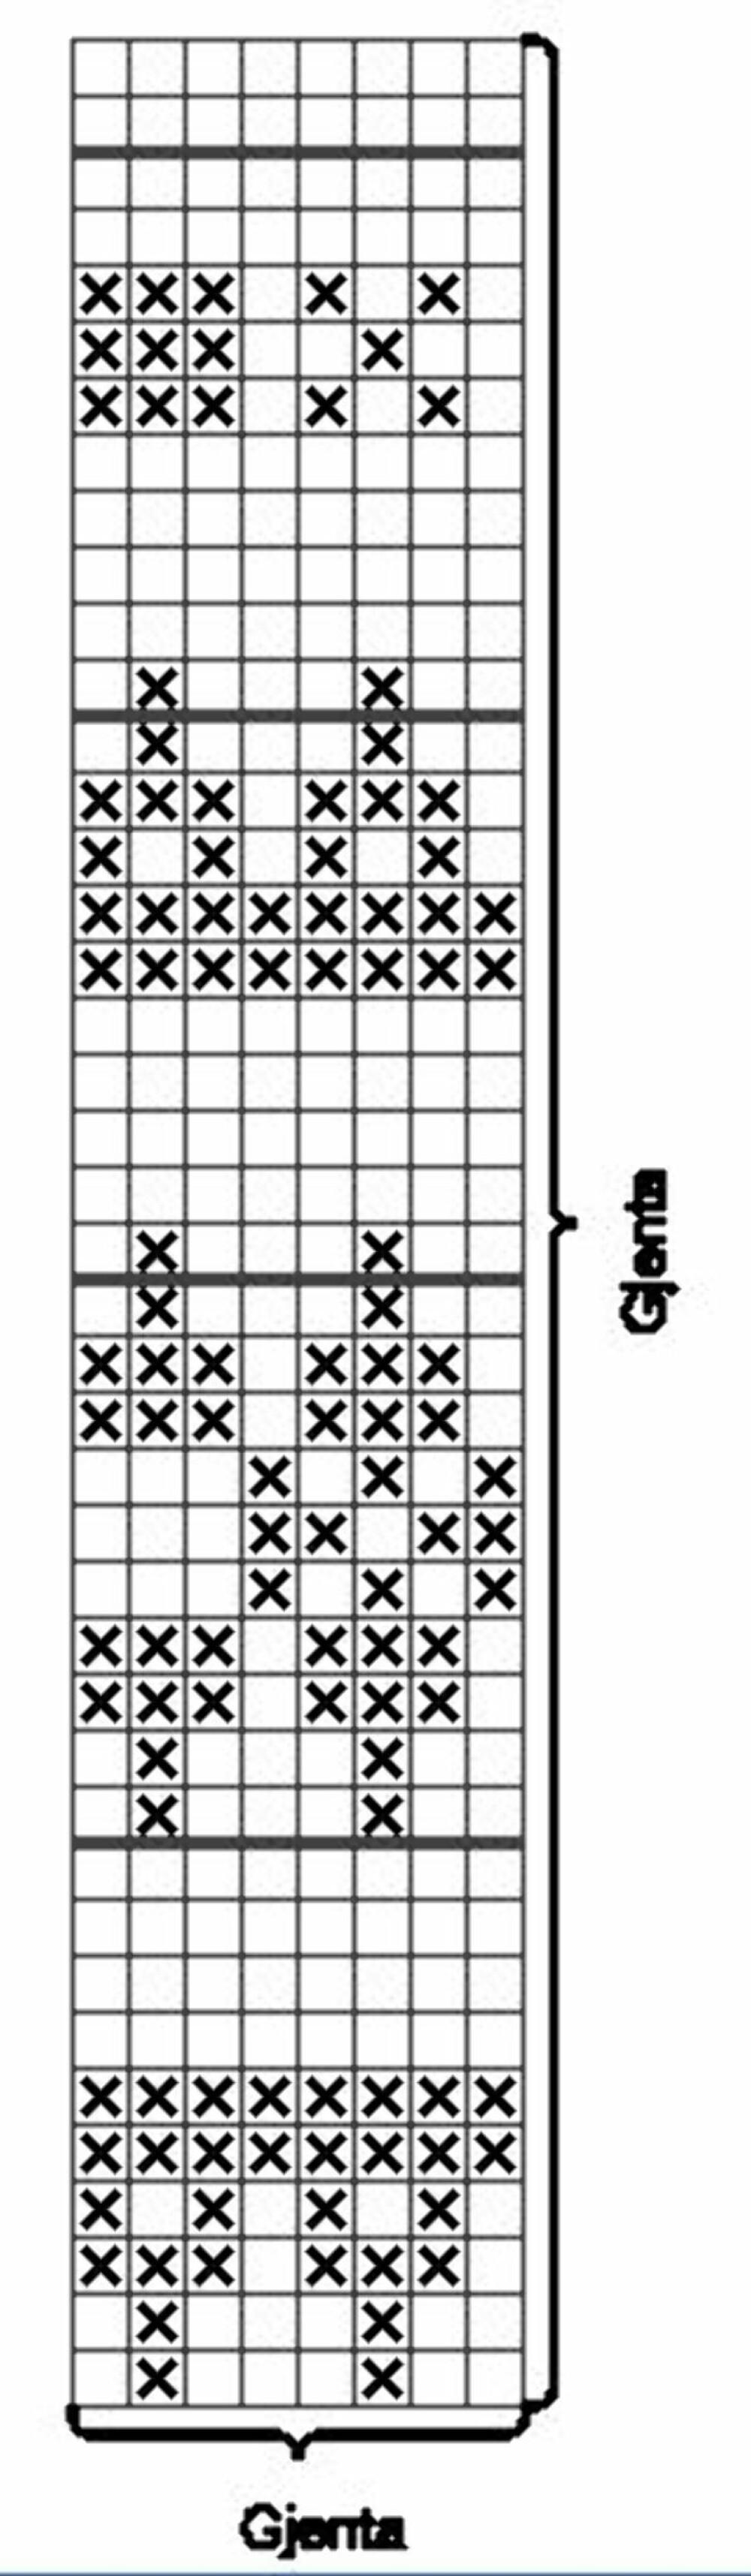 DIAGRAM: Strikk diagram som oppgitt i oppskriften.